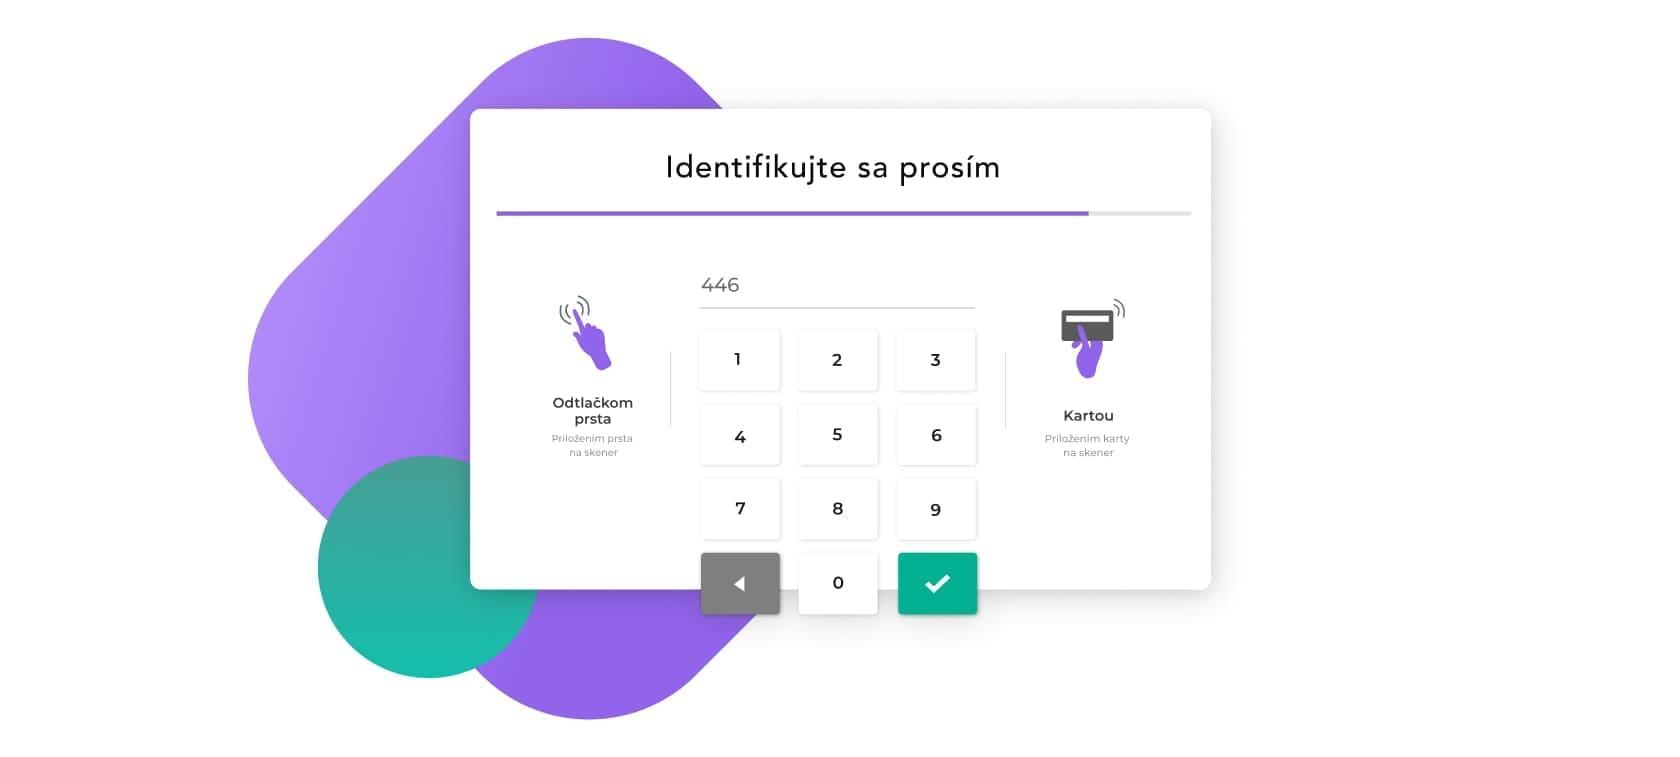 prihlasovanie do mobilnej a webovej apliakcie pomocou otlacku prsta hesla kartou